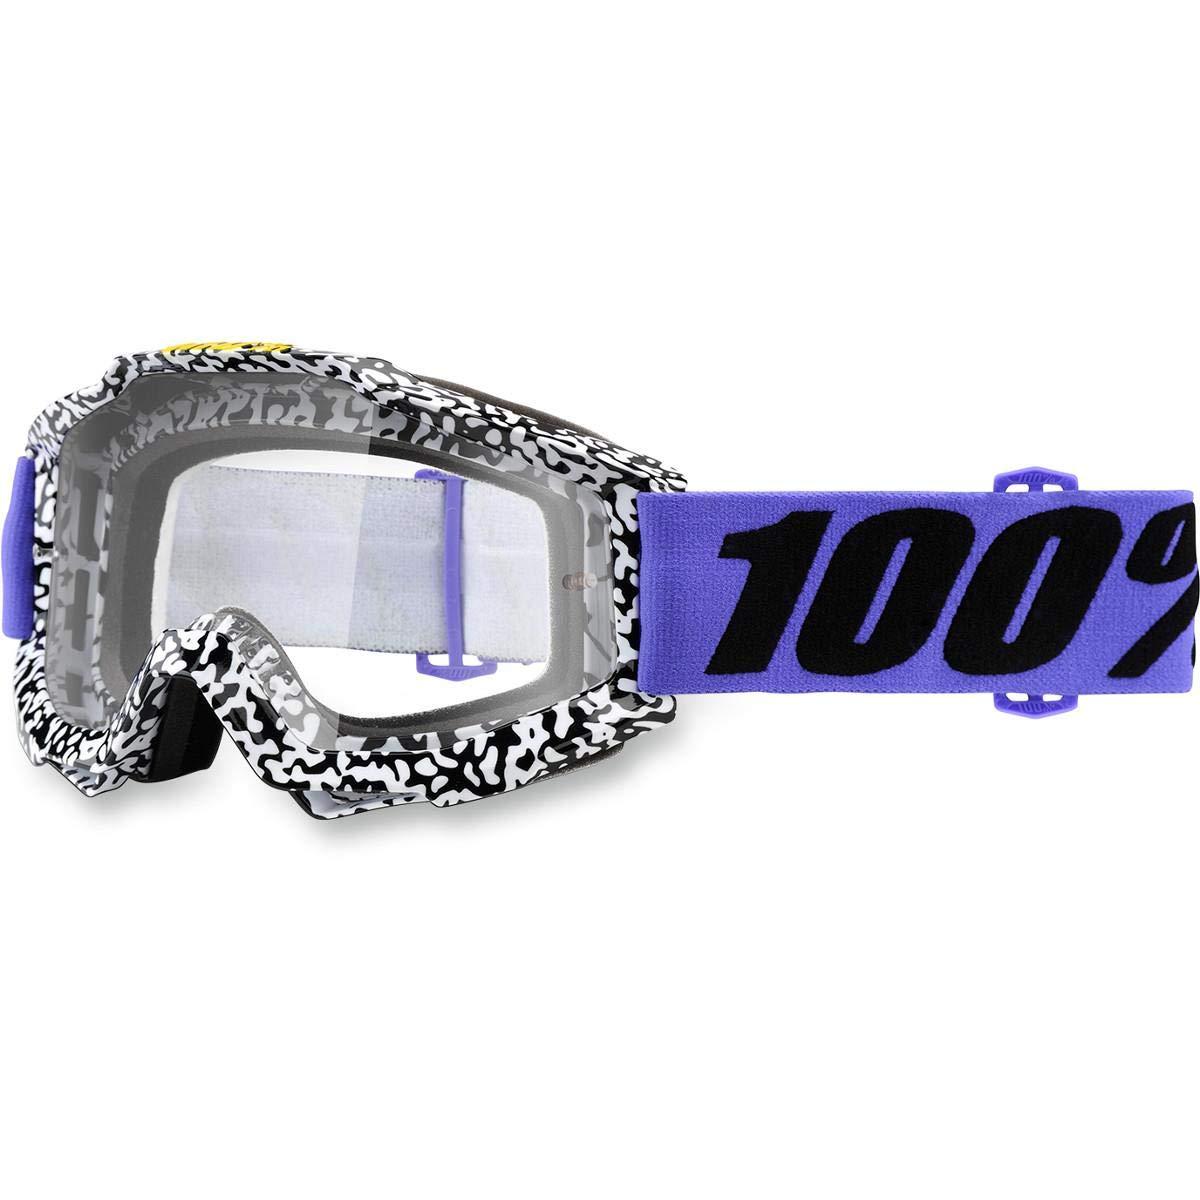 Inconnu 100% acccuri máscara de Bicicleta de montaña Unisex, Color Morado 100AC|#100% 50200-211-02